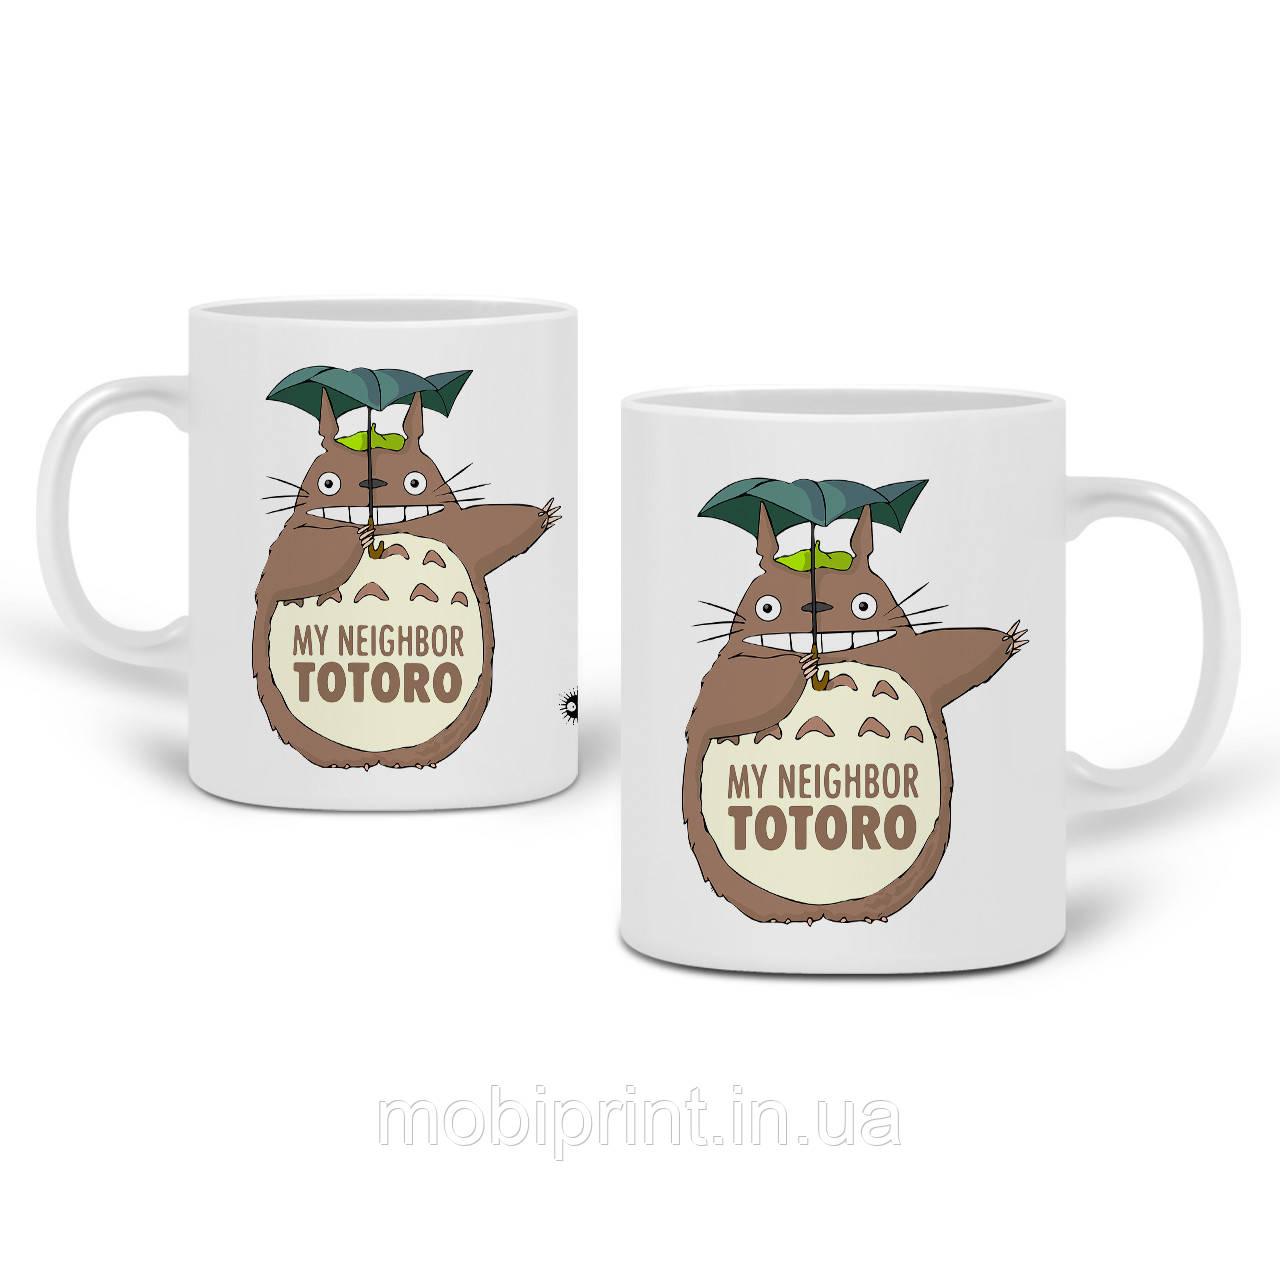 Кружка Мій сусід Тоторо (My Neighbor Totoro) 330 мл Чашка Керамічна (20259-2656)